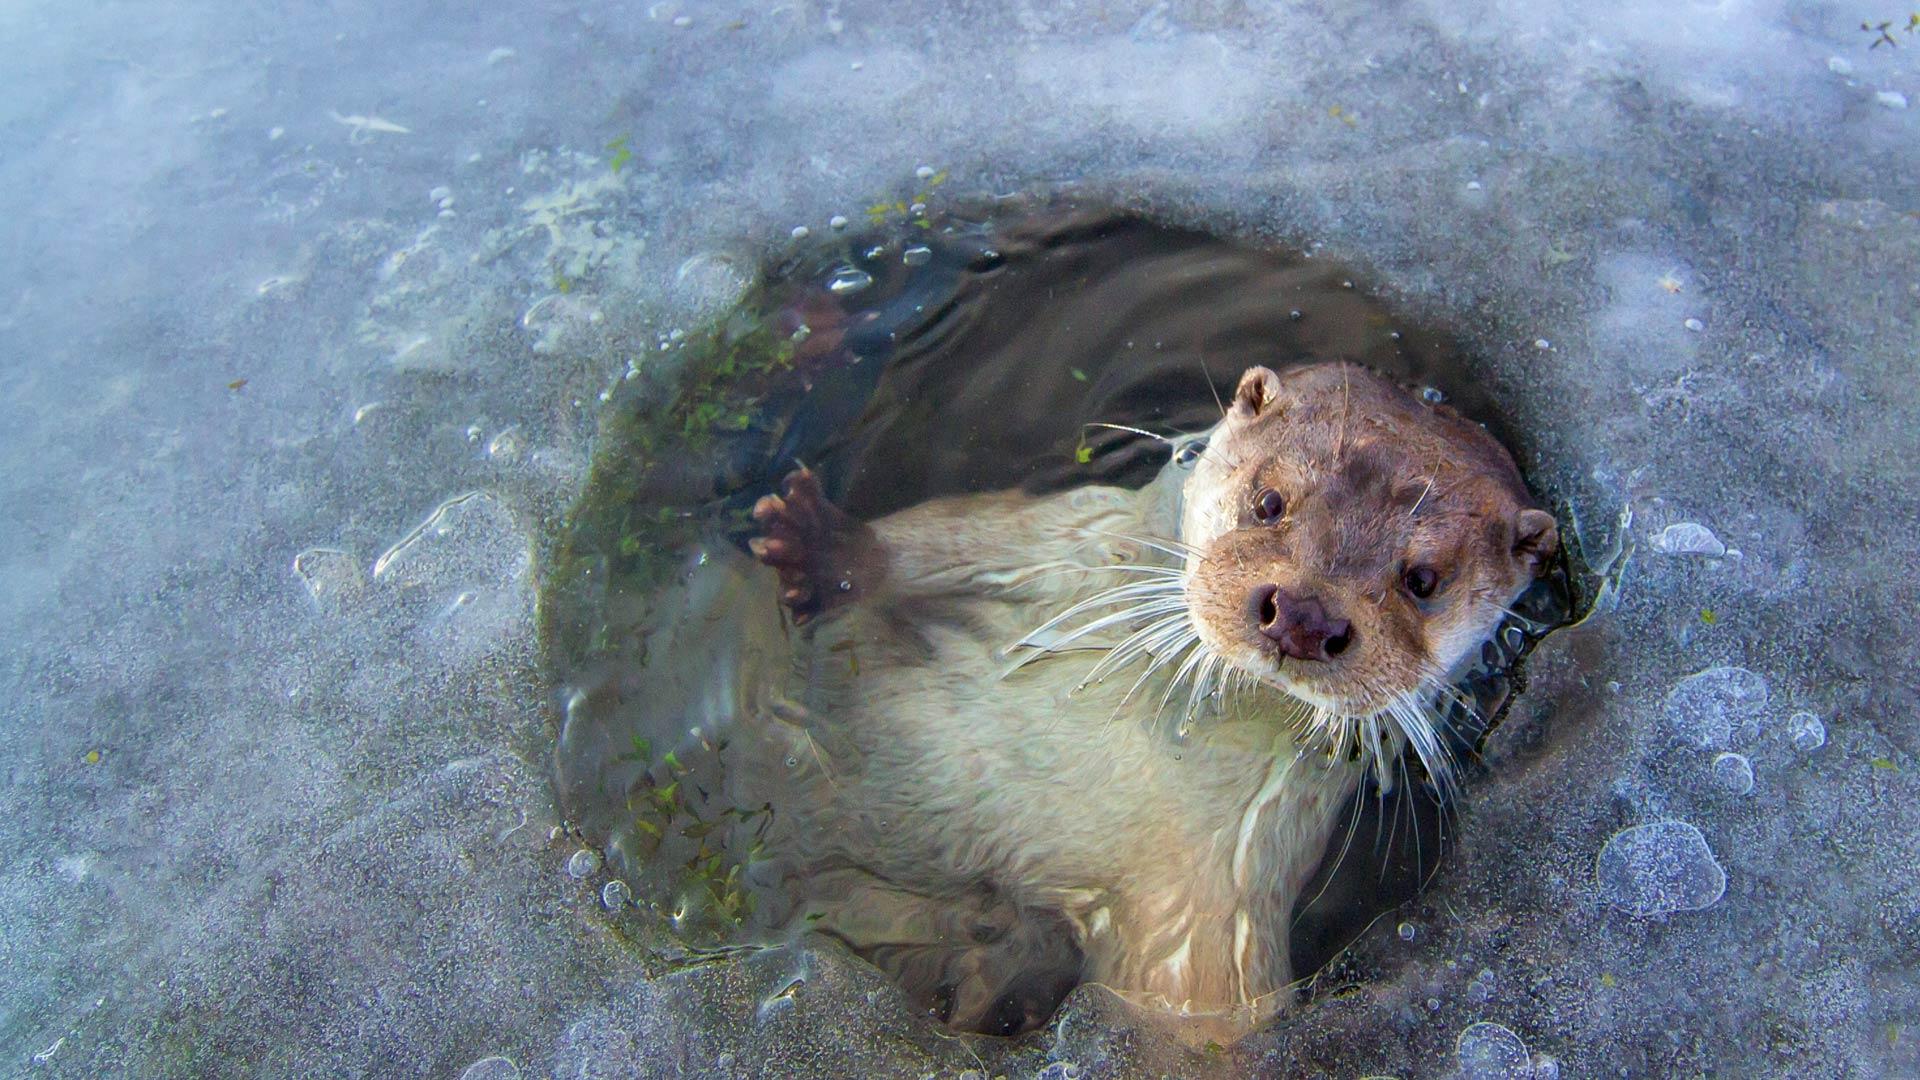 otter near Lelystad Netherlands Ernst DirksenMinden Pictures 1920x1080